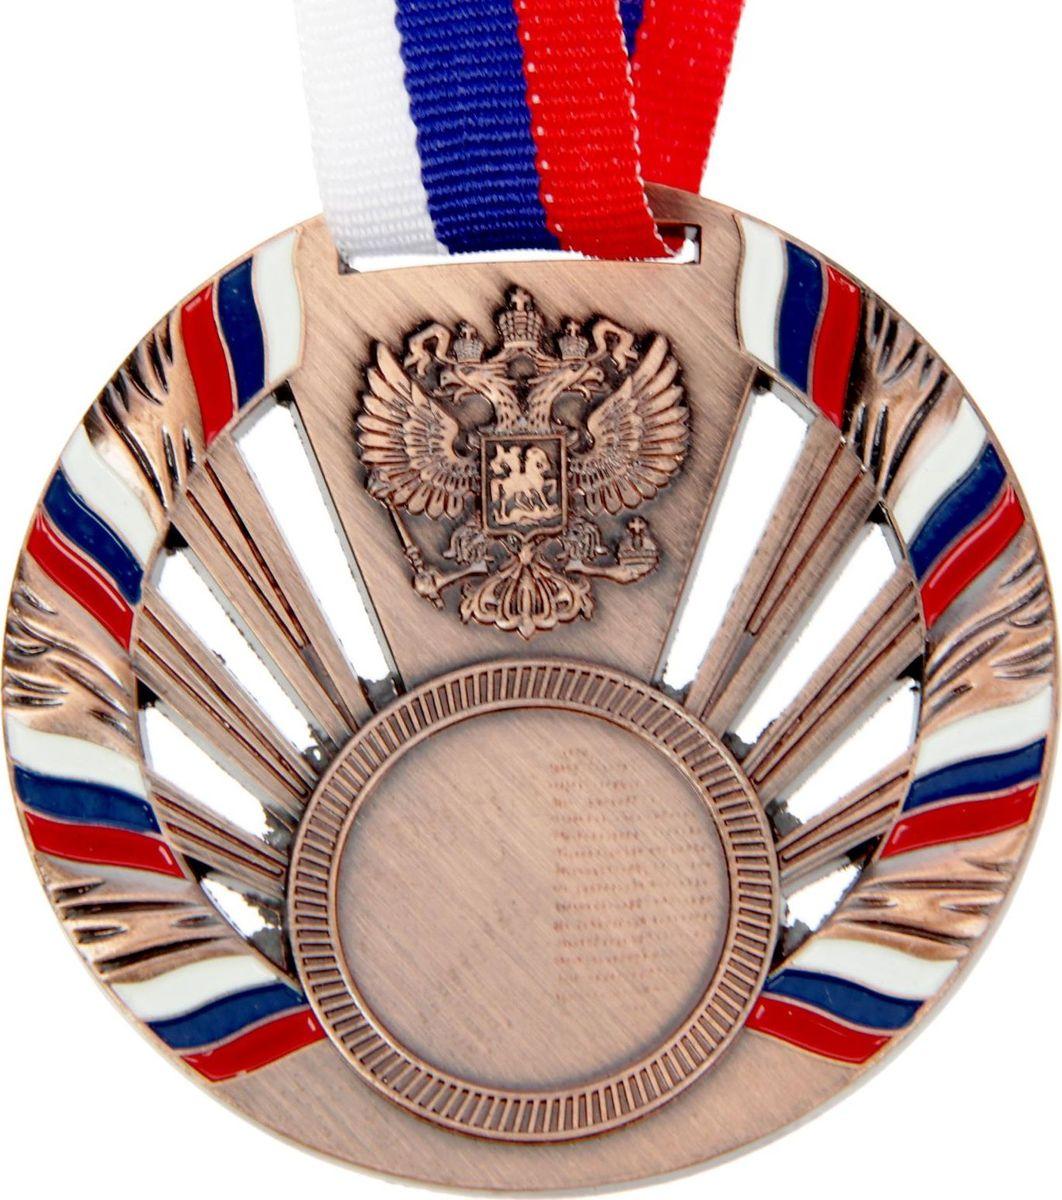 Медаль сувенирная с местом для гравировки, цвет: бронзовый, диаметр 7 см. 0401387684Пусть любая победа будет отмечена соответствующей наградой! Медаль — знак отличия, которым награждают самых достойных. Она вручается лишь тем, кто проявил настойчивость и волю к победе. Каждое достижение — это важное событие, которое должно остаться в памяти на долгие годы. изготовлена из металла, в комплект входит лента цвета триколор, являющегося одним из государственных символов России. Характеристики: Диаметр медали: 7 см Диаметр вкладыша (лицо): 2,5 см Диаметр вкладыша (оборот): 6,5 см Ширина ленты: 2 см.